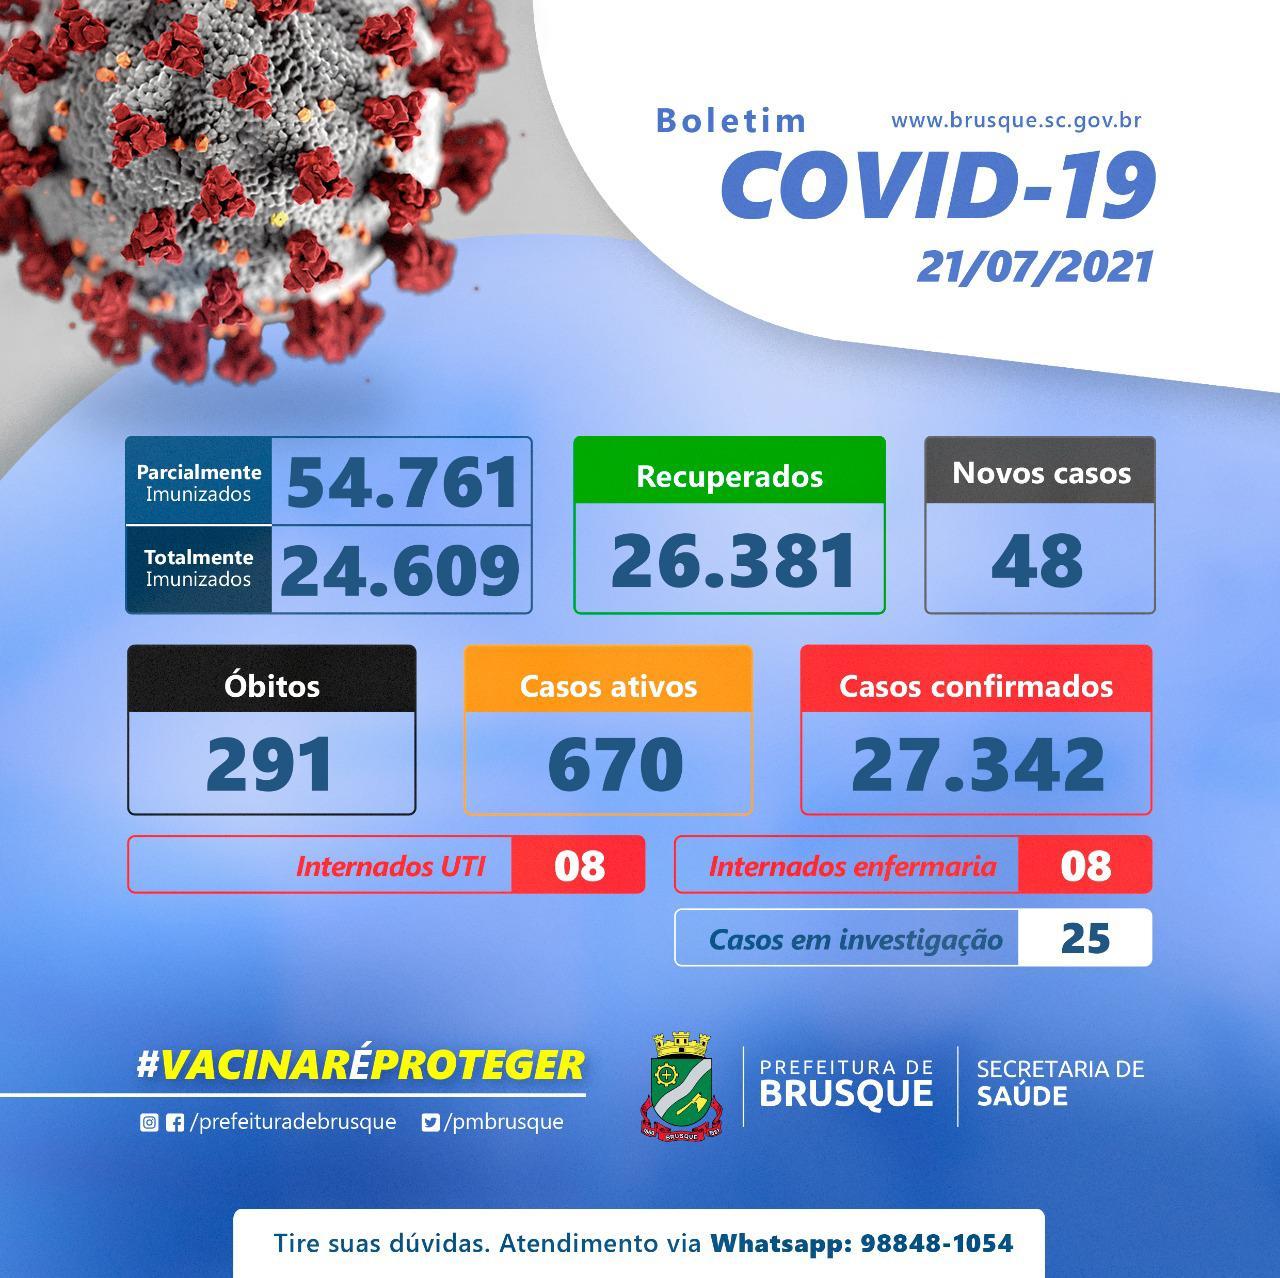 Covid-19: Confira o boletim epidemiológico desta quarta-feira (21)